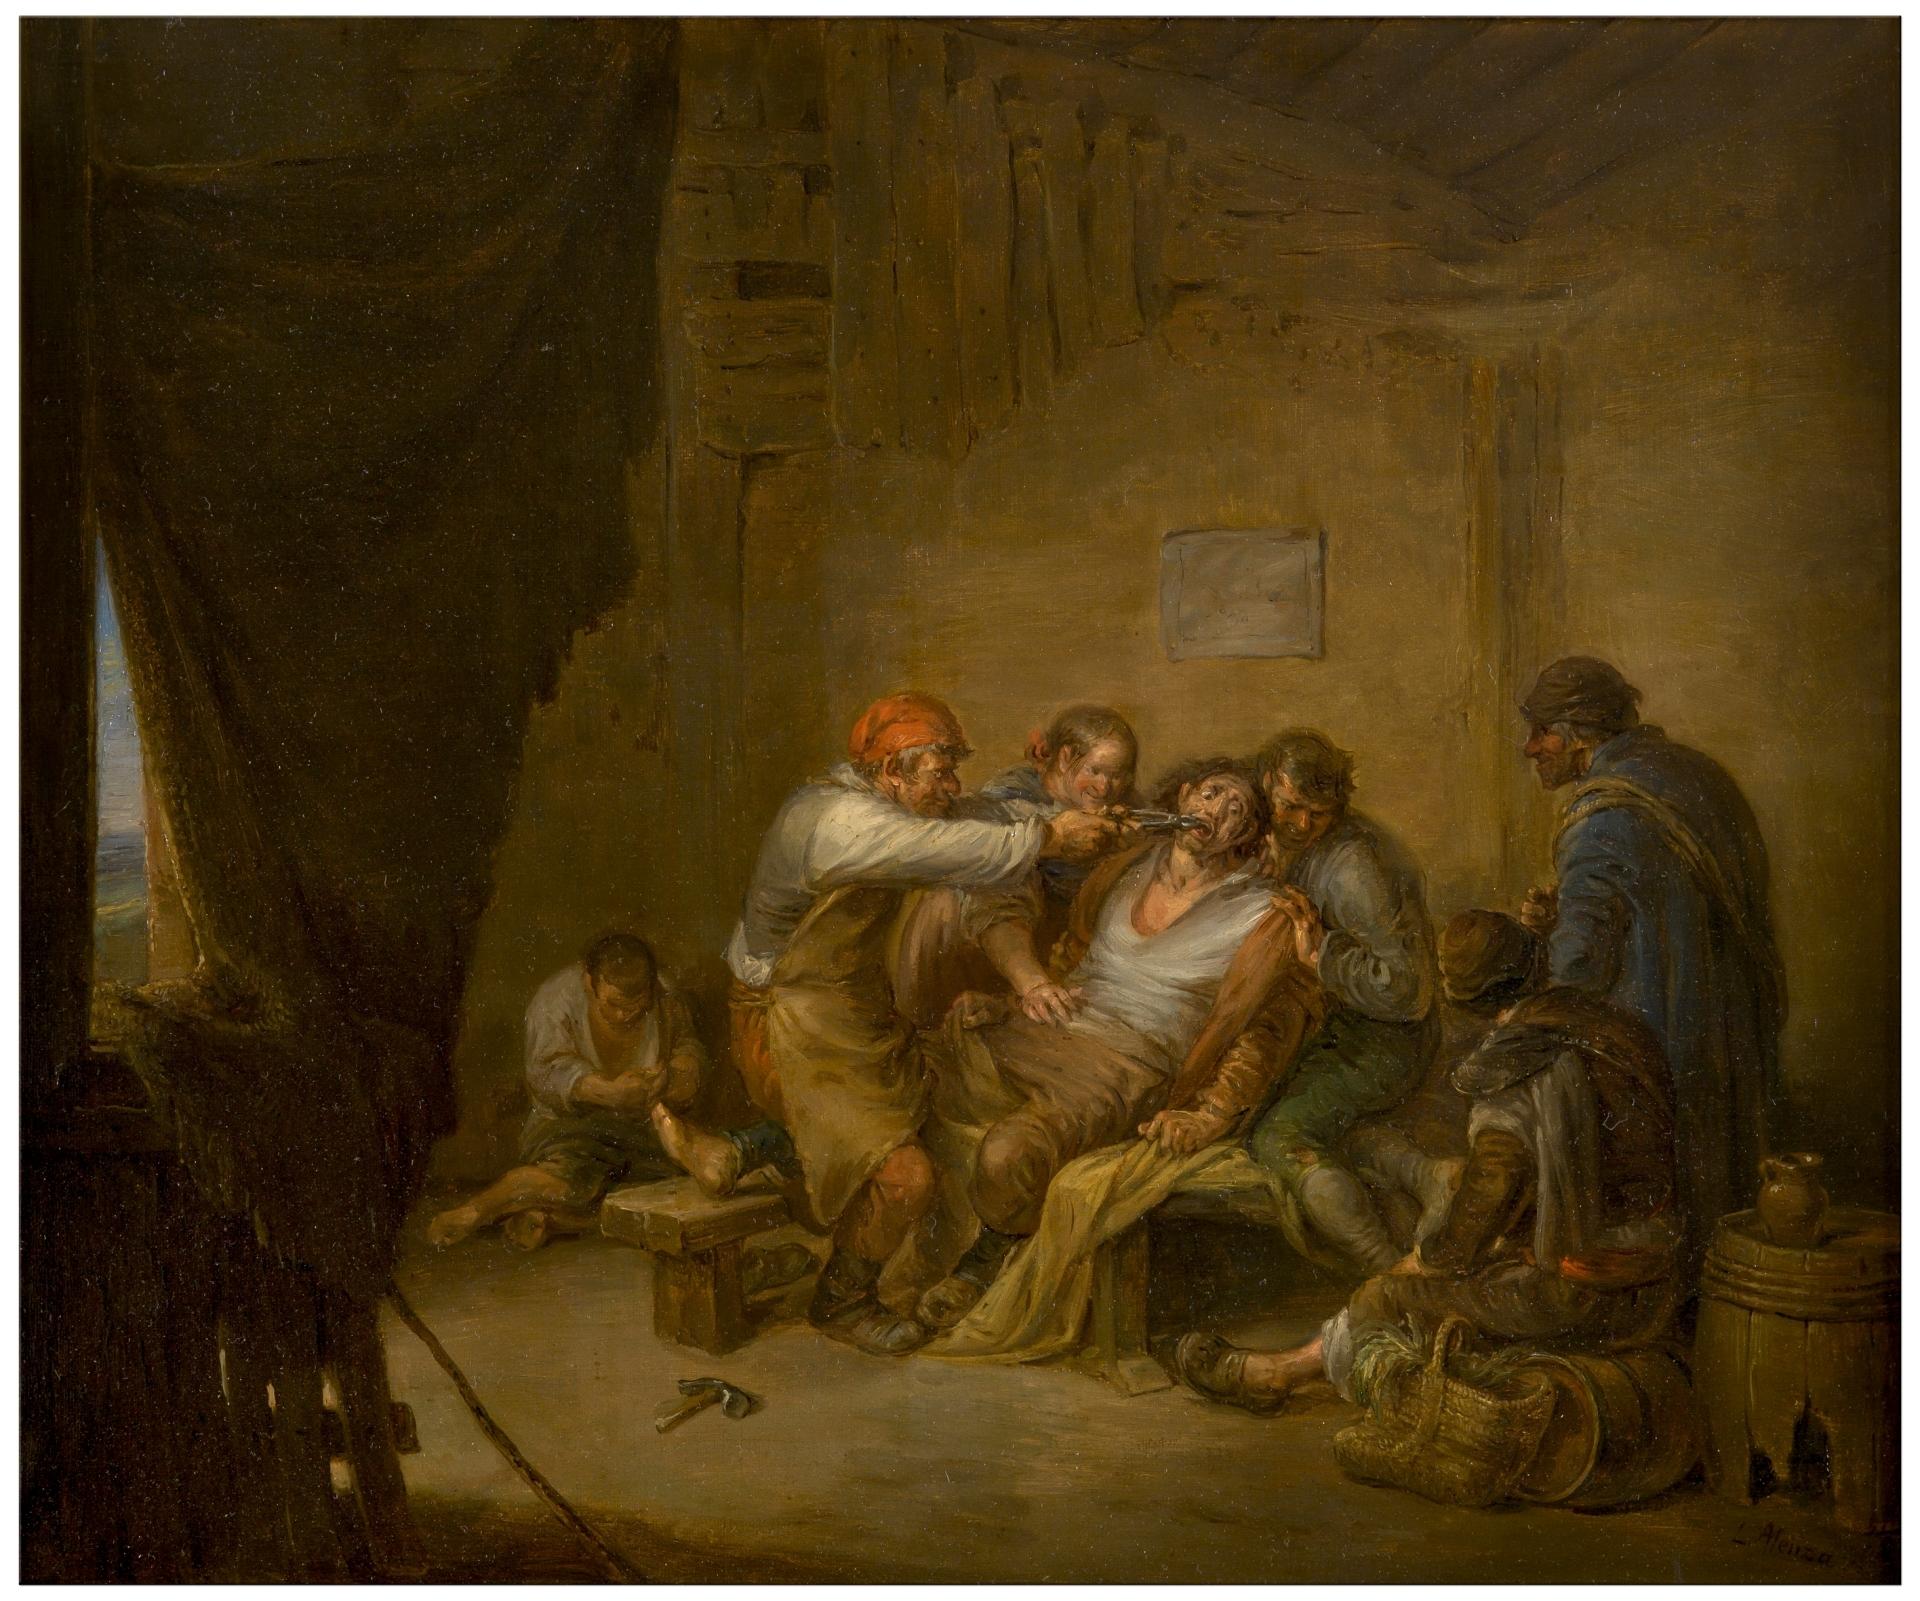 El sacamuelas - Colección - Museo Nacional del Prado